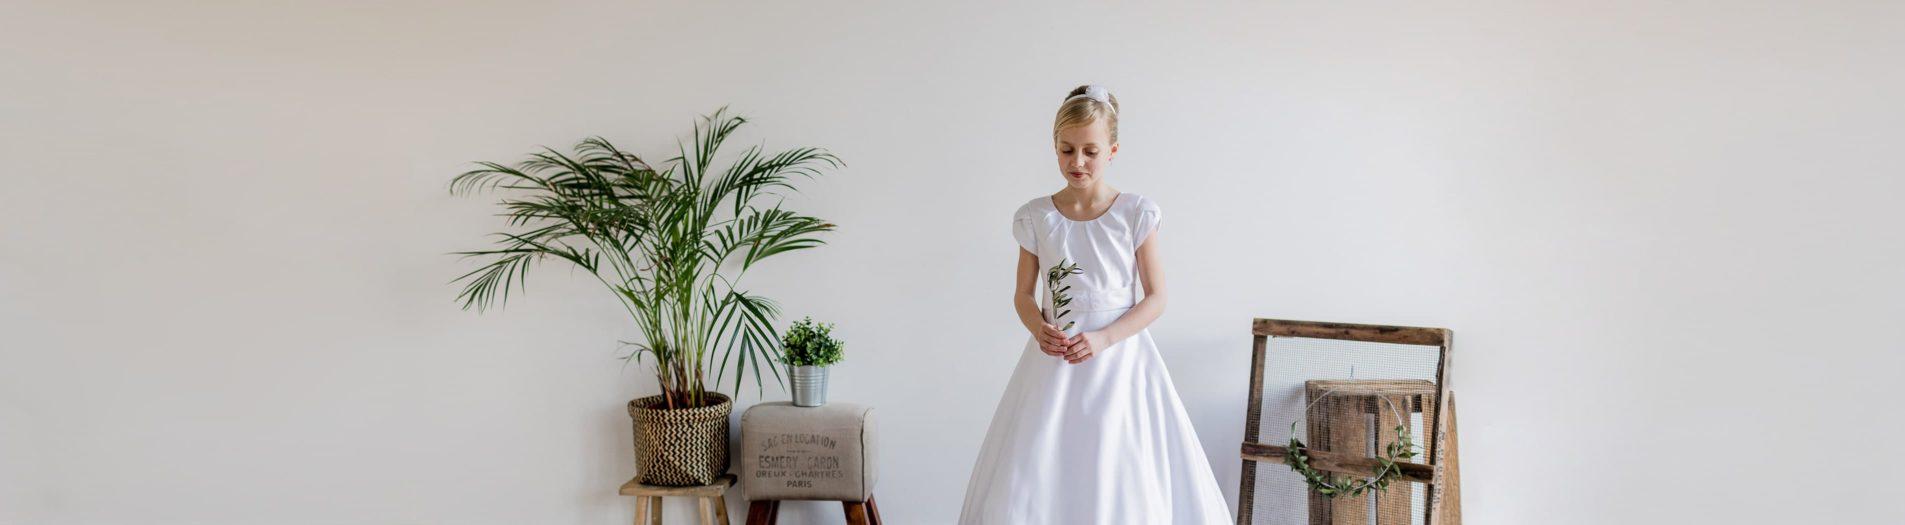 Eine kleine Prinzessin und ihre Familie